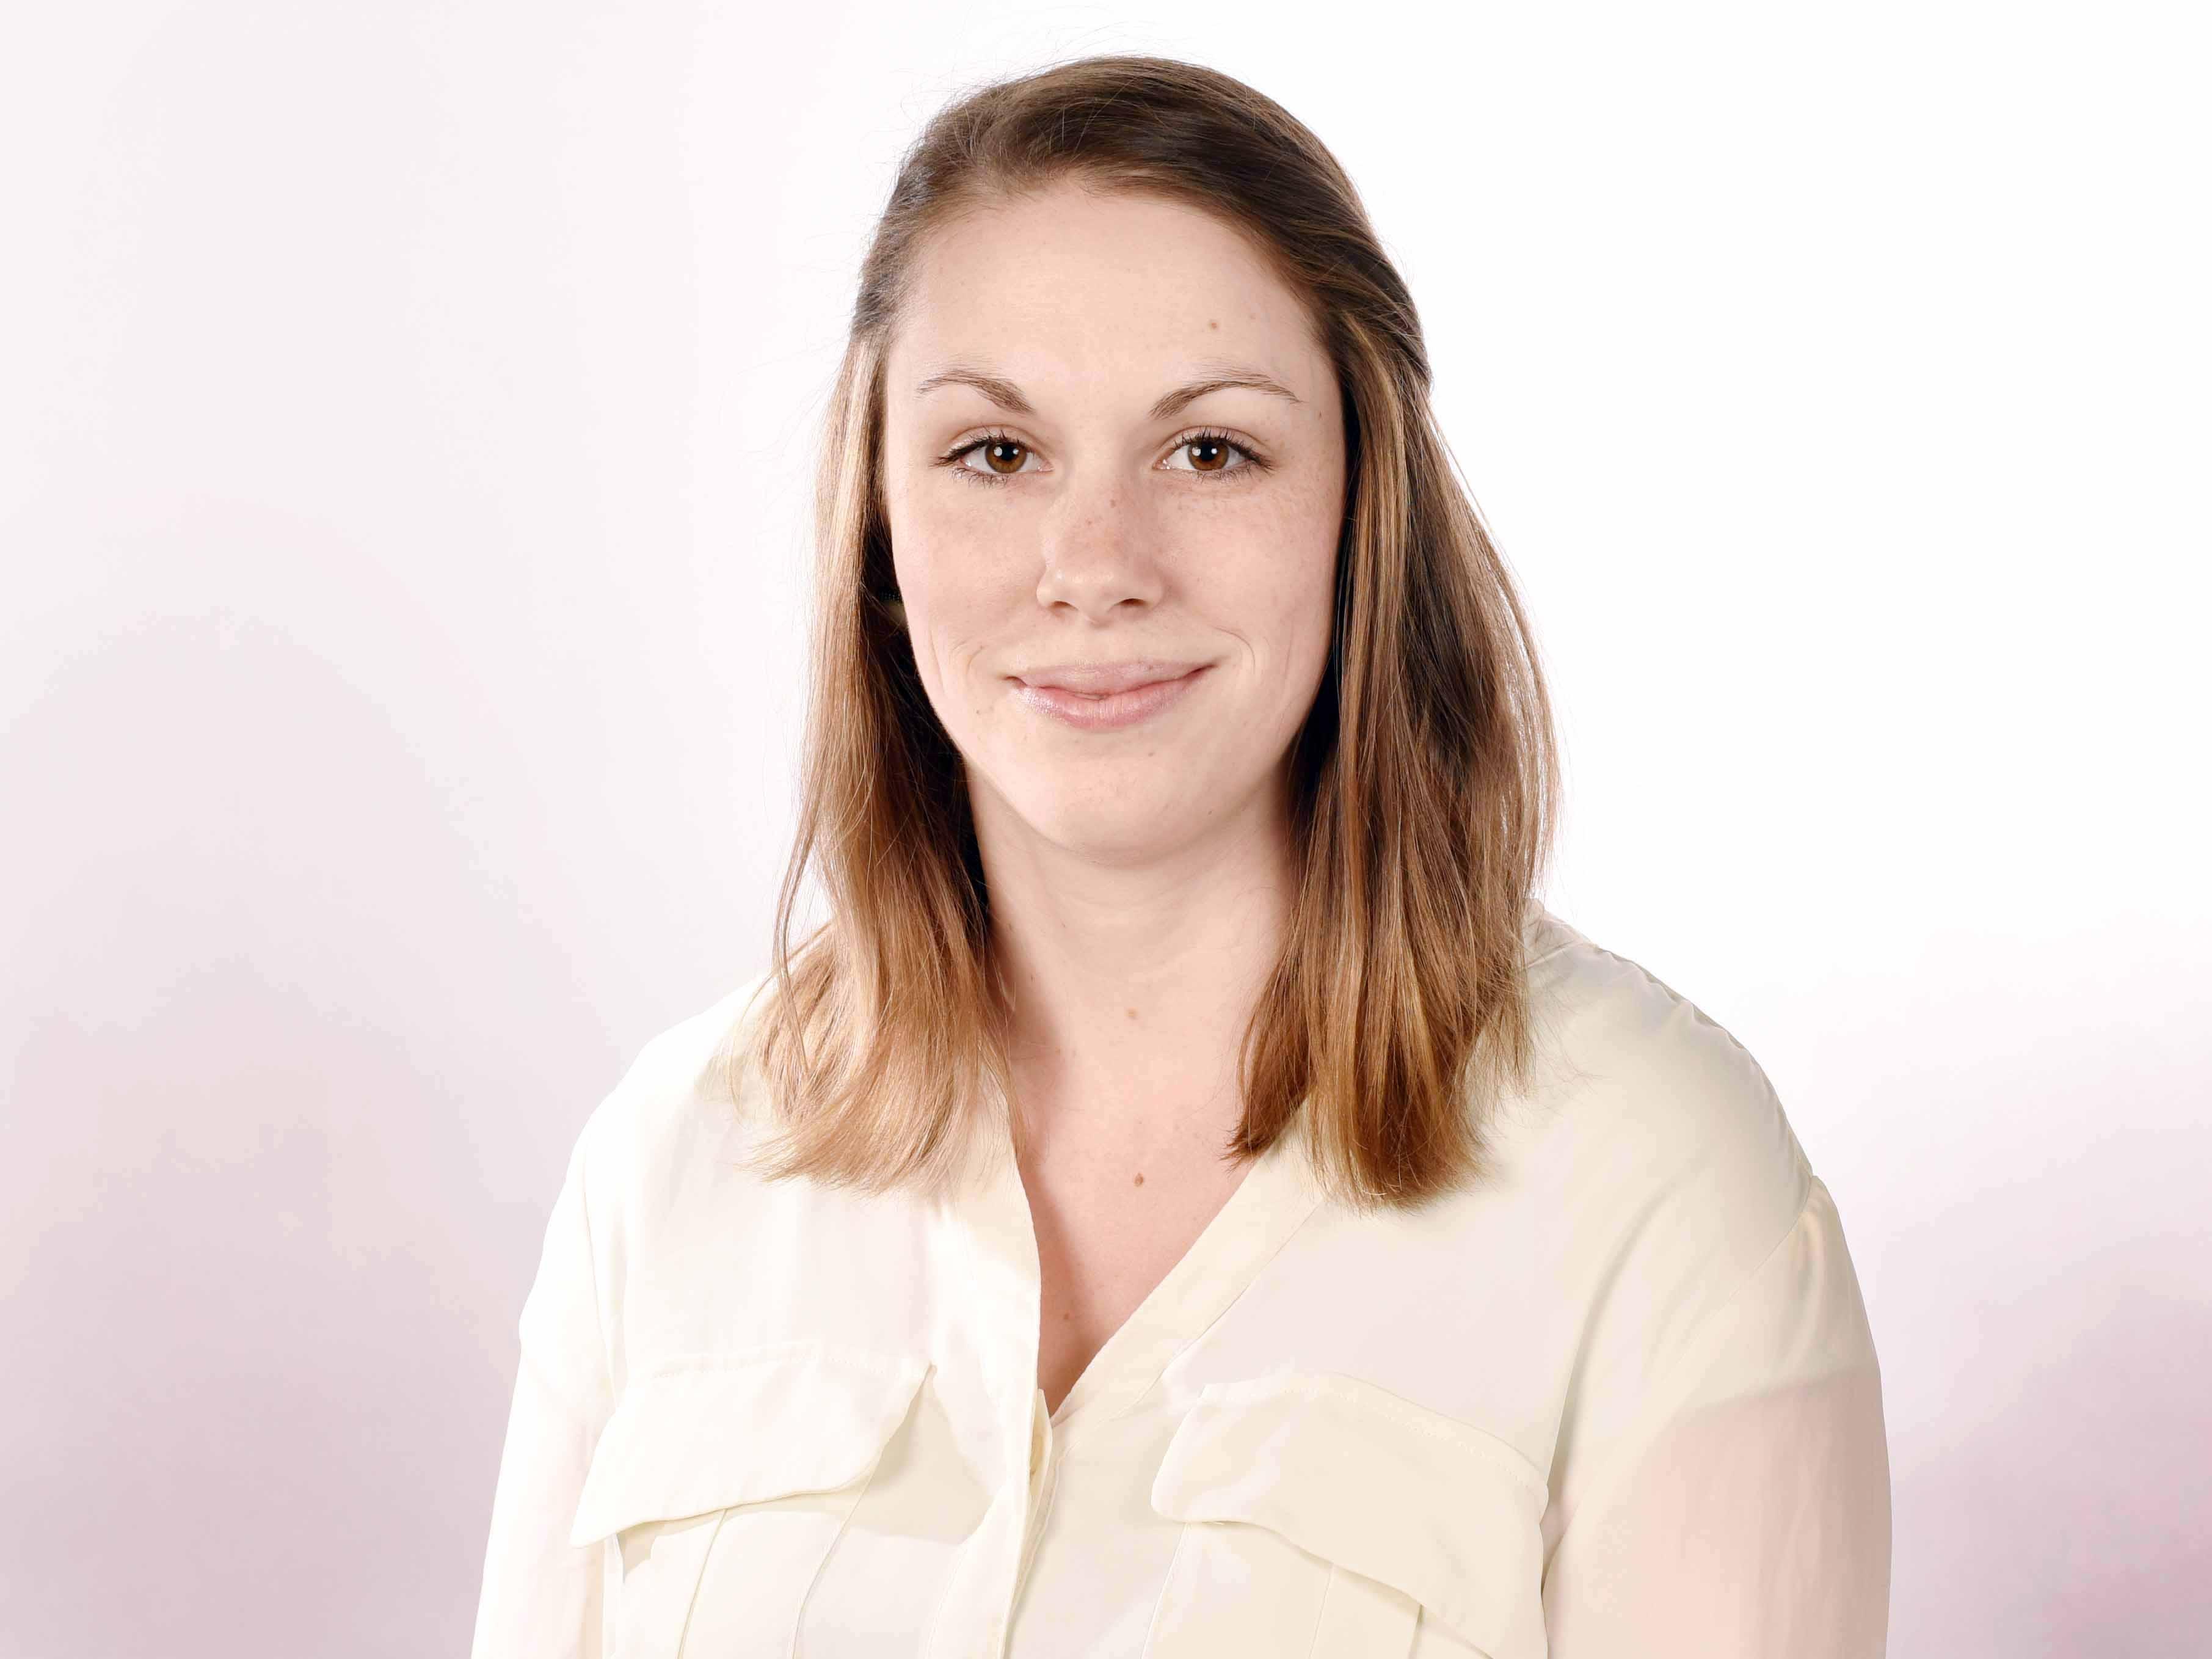 Manuela Steiner, M.Sc.